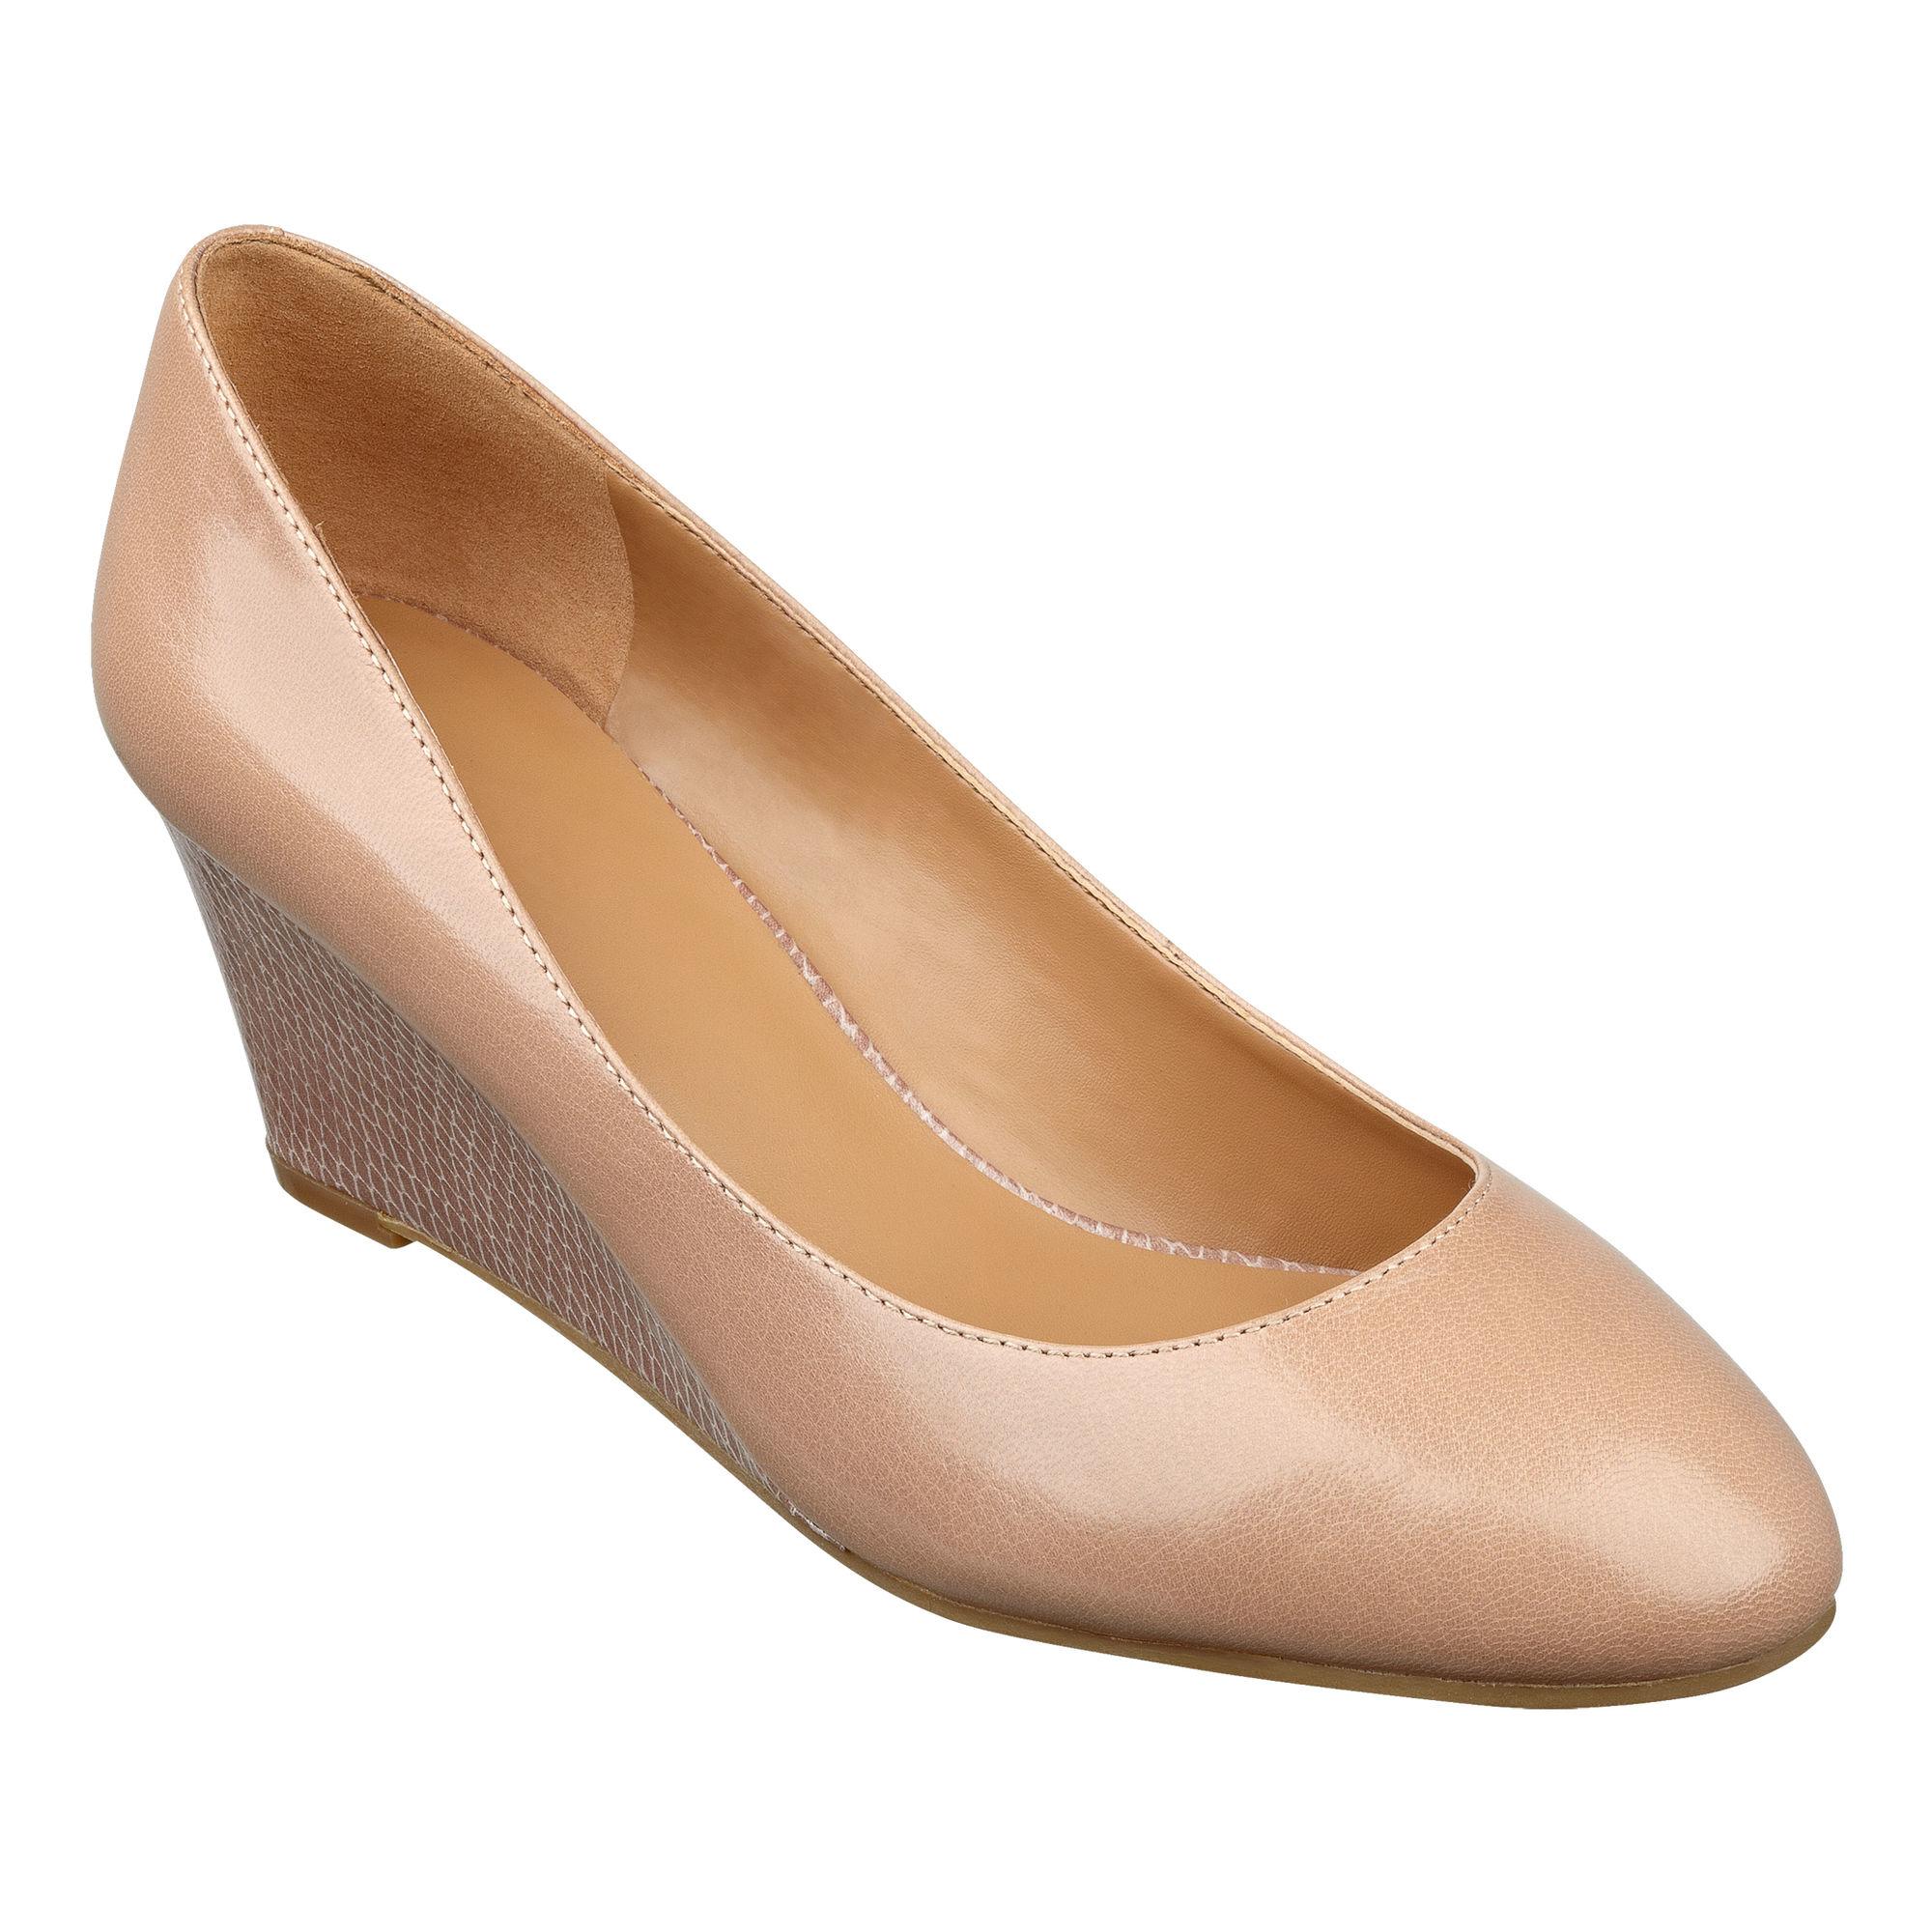 951ce35fd6 Nine West Ispy Wedge Heels in Natural - Lyst